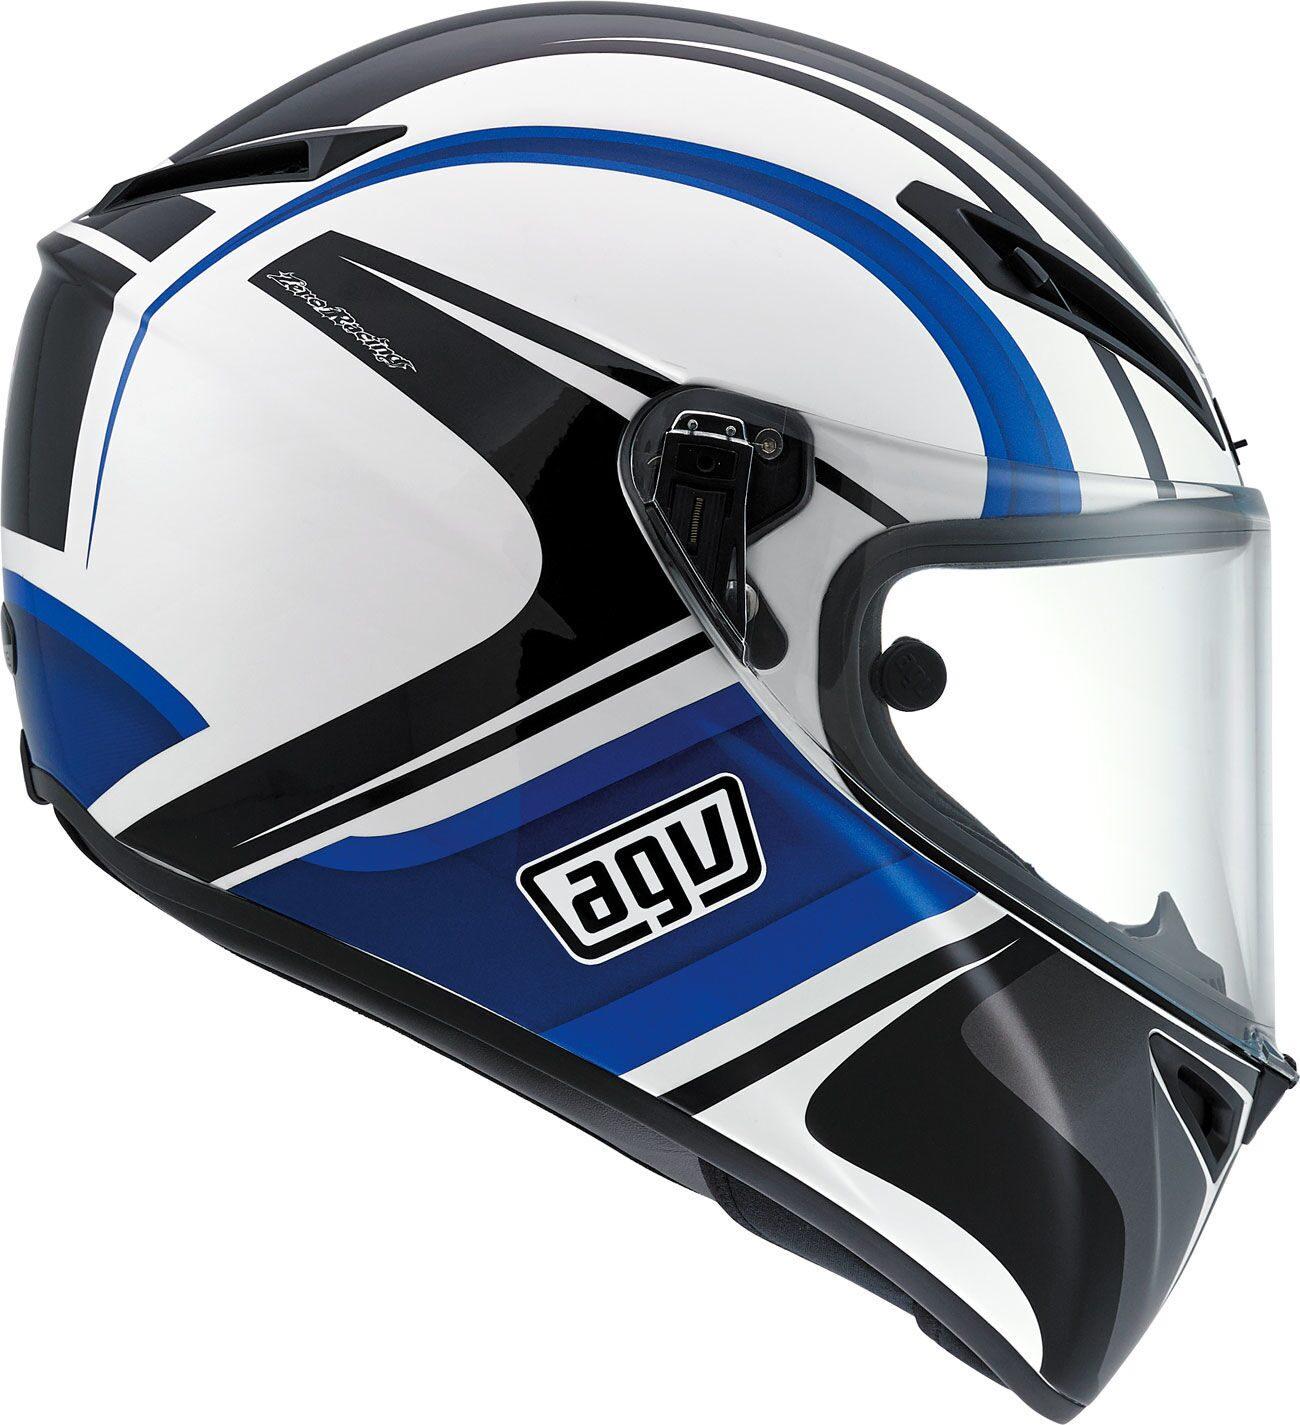 AGV K5 Roadracer helmet   agv.co.uk